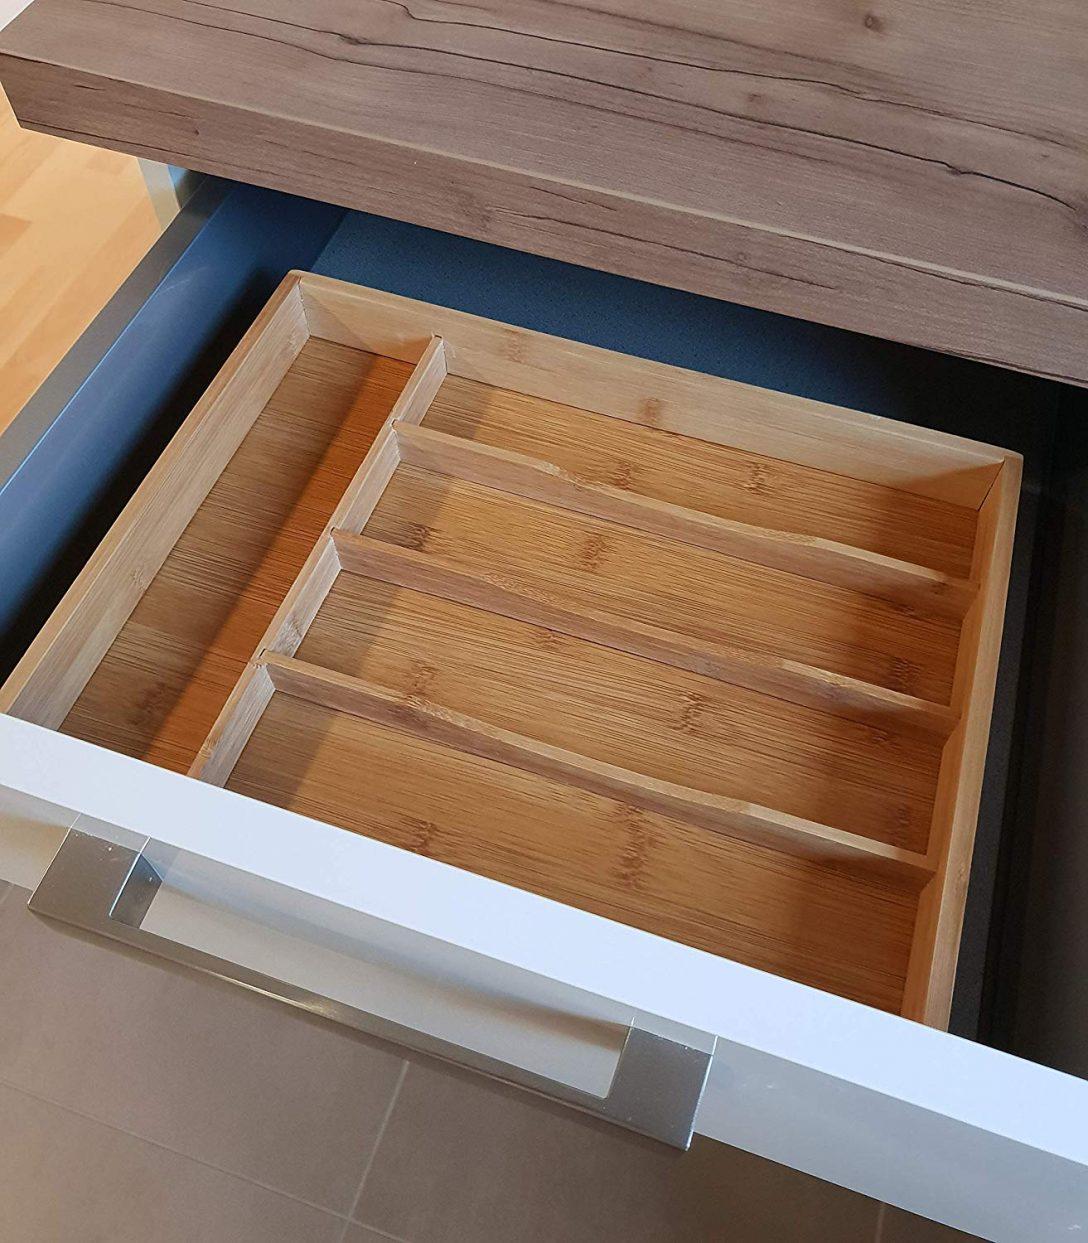 Large Size of Besteckeinsatz Leicht Küche Küche Schubladeneinsatz Für Teller Schubladeneinsatz Global Küche Schubladeneinsatz Küche Selber Bauen Küche Schubladeneinsatz Küche